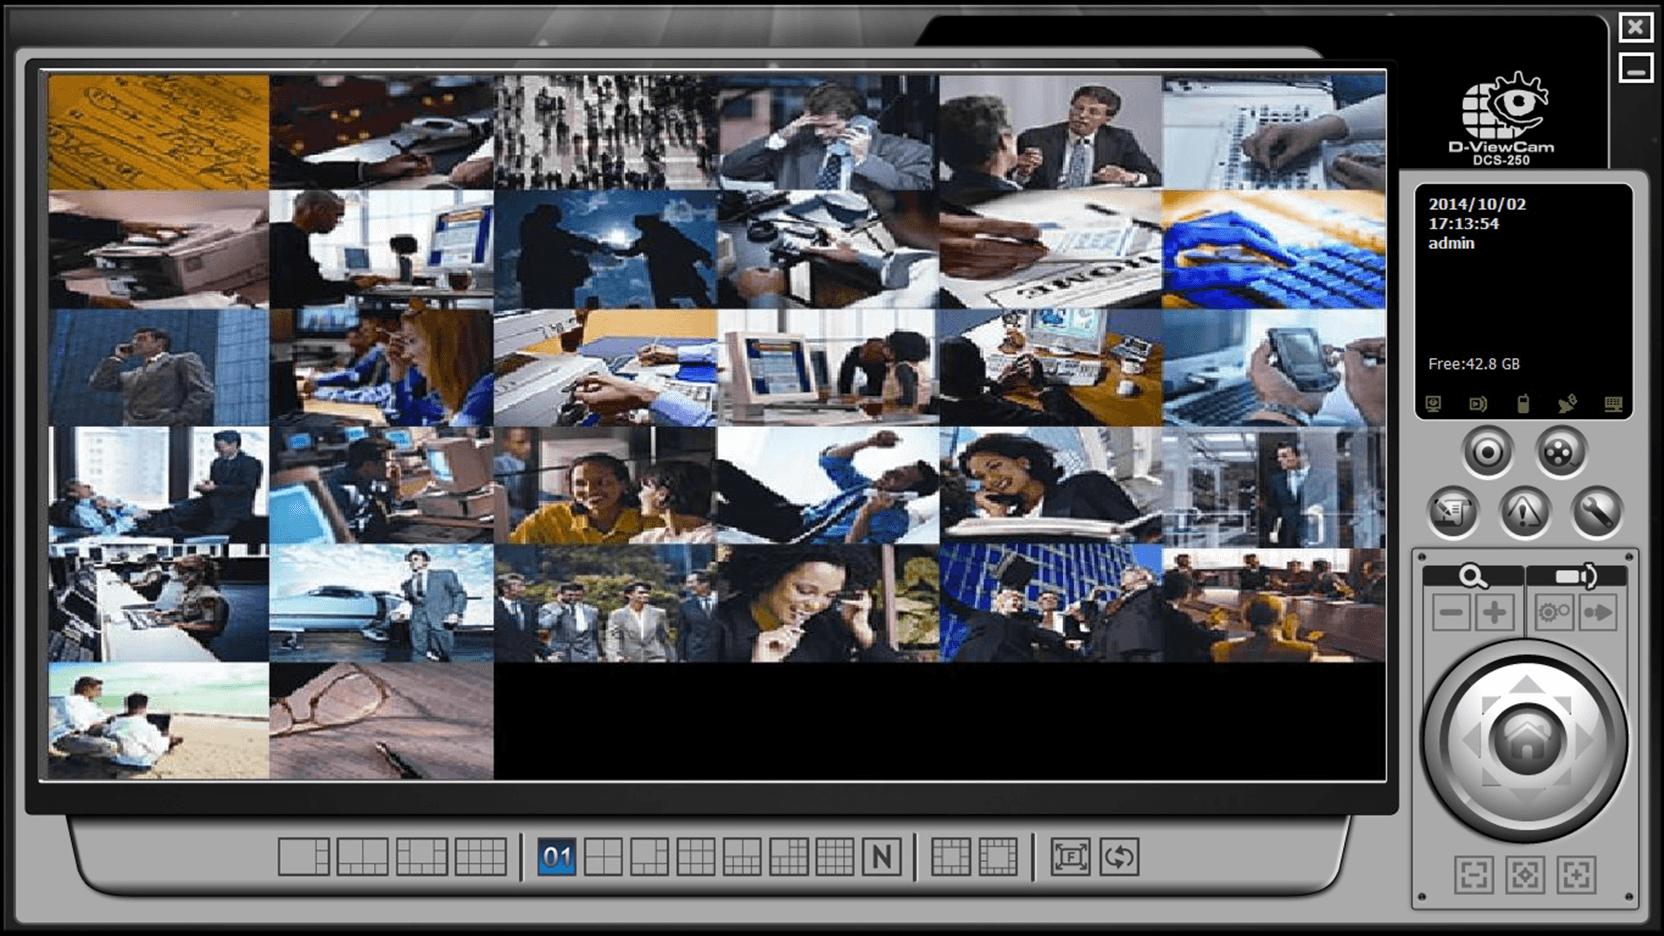 d-viewcam 3.3